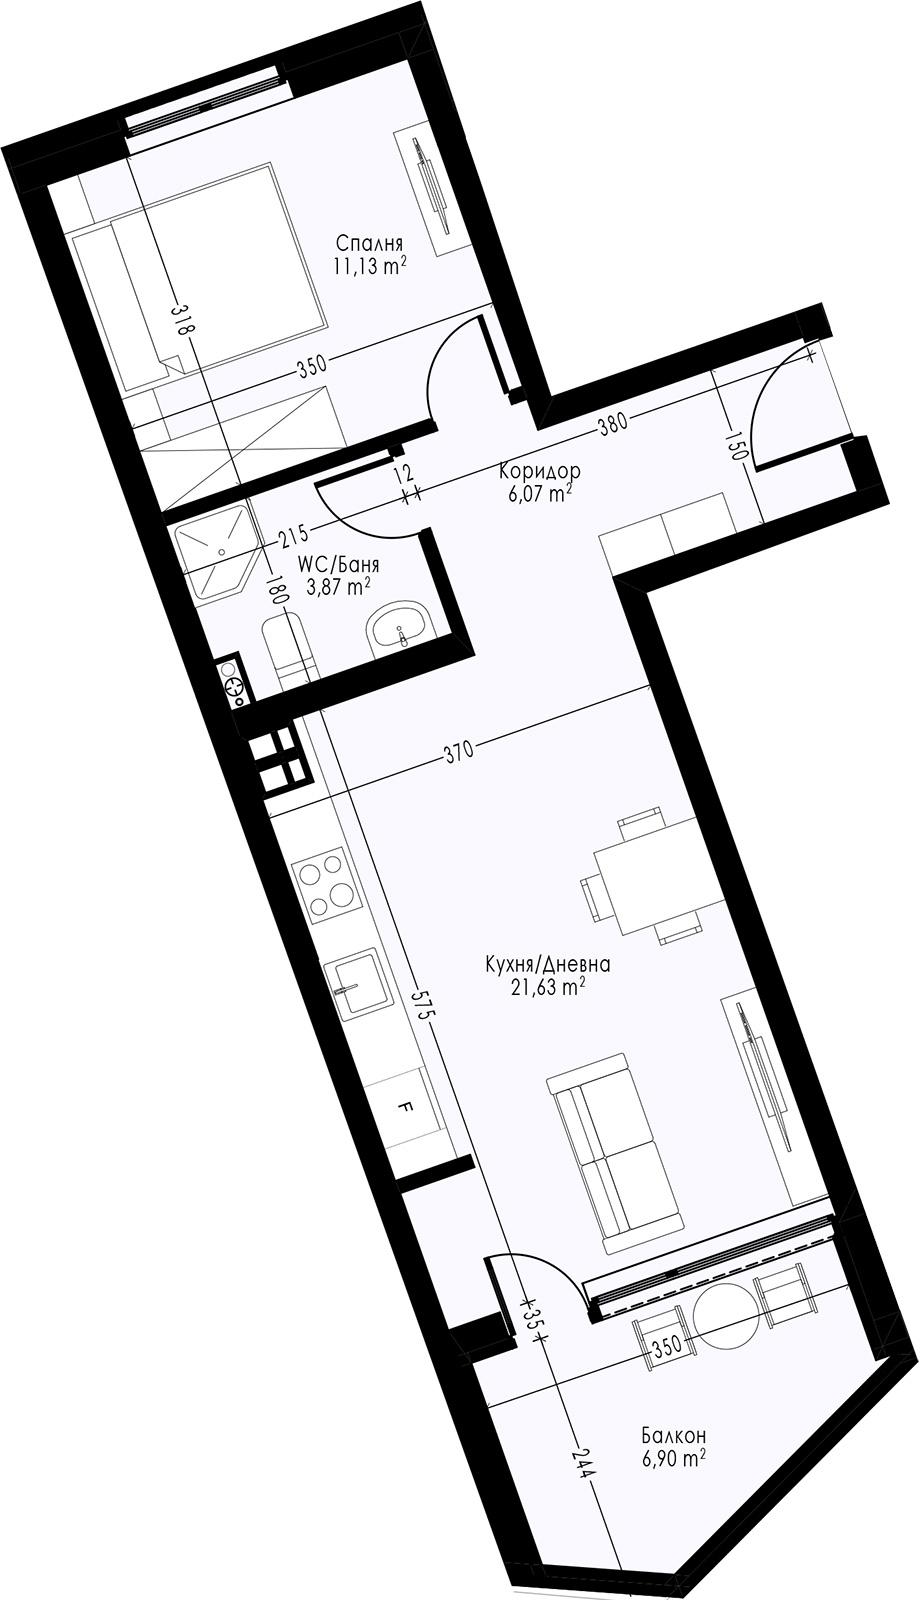 Апартамент 16